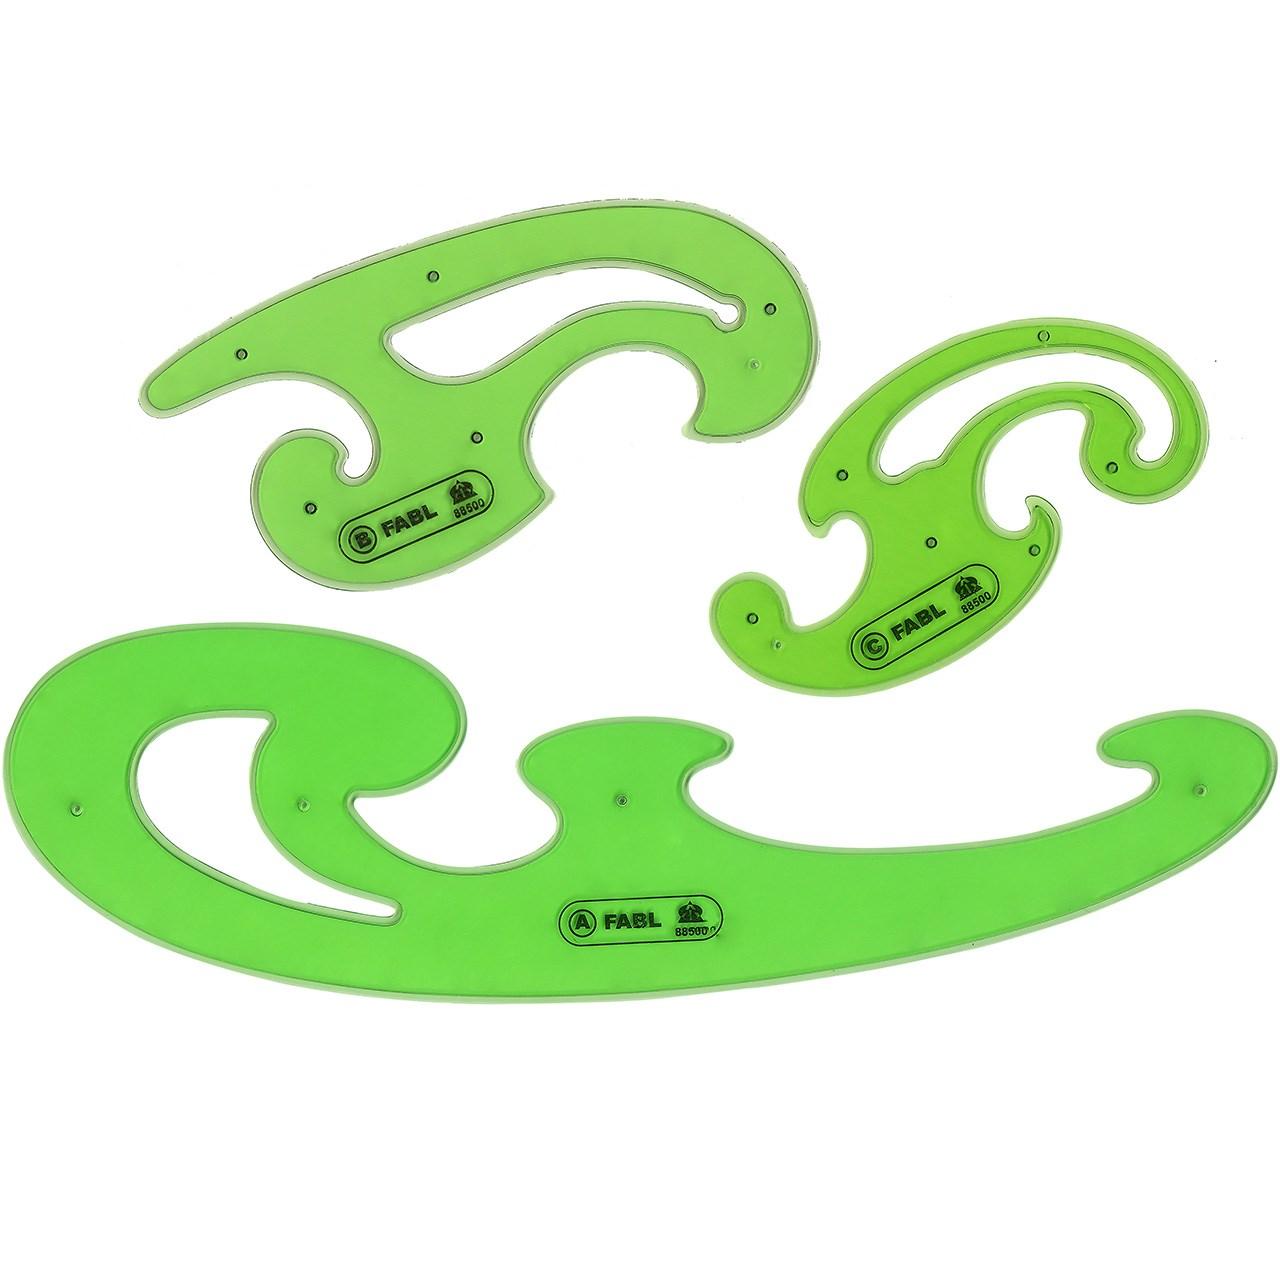 ست شابلون پیستوله 3 عددی فابل کد FB429